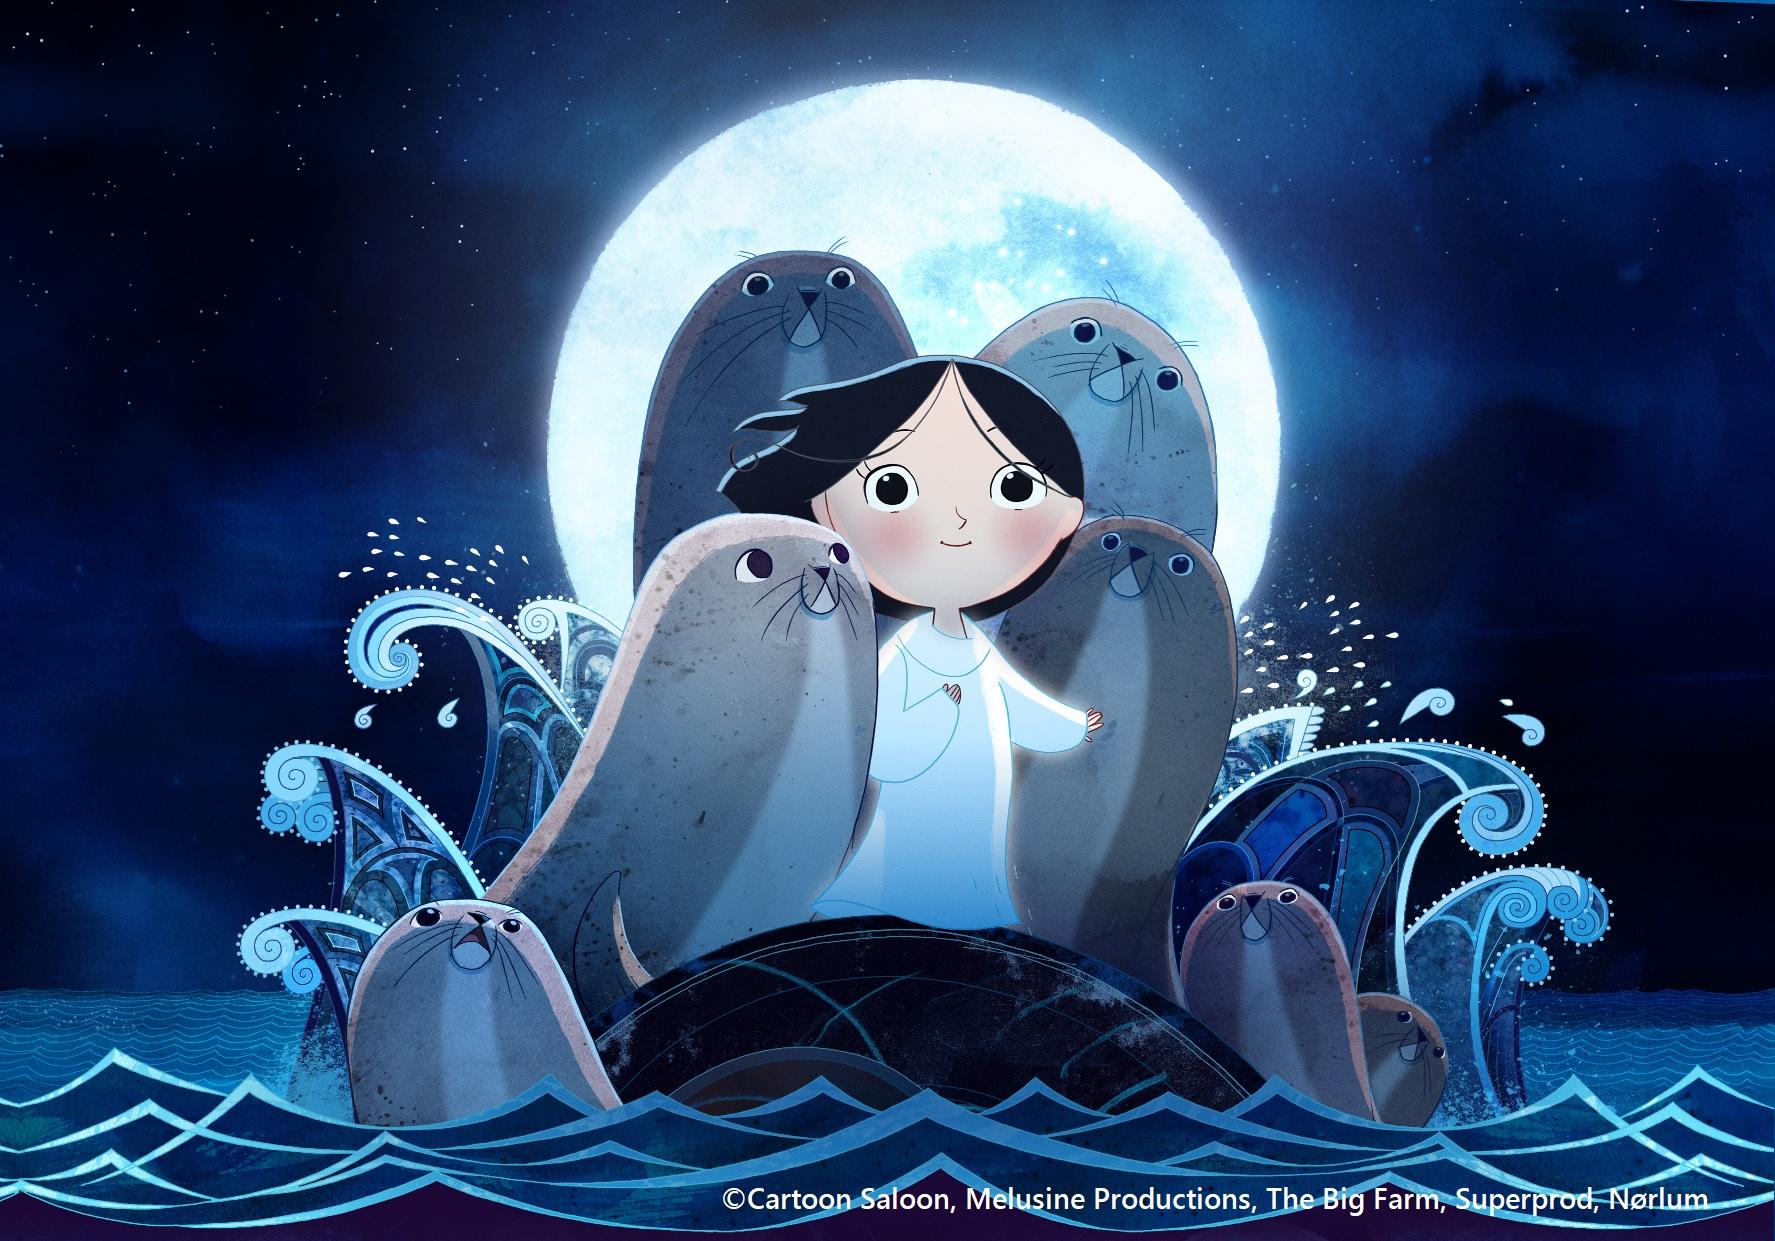 親子向けアニメーション上映「ソング・オブ・ザ・シー 海のうた 日本語吹替版」